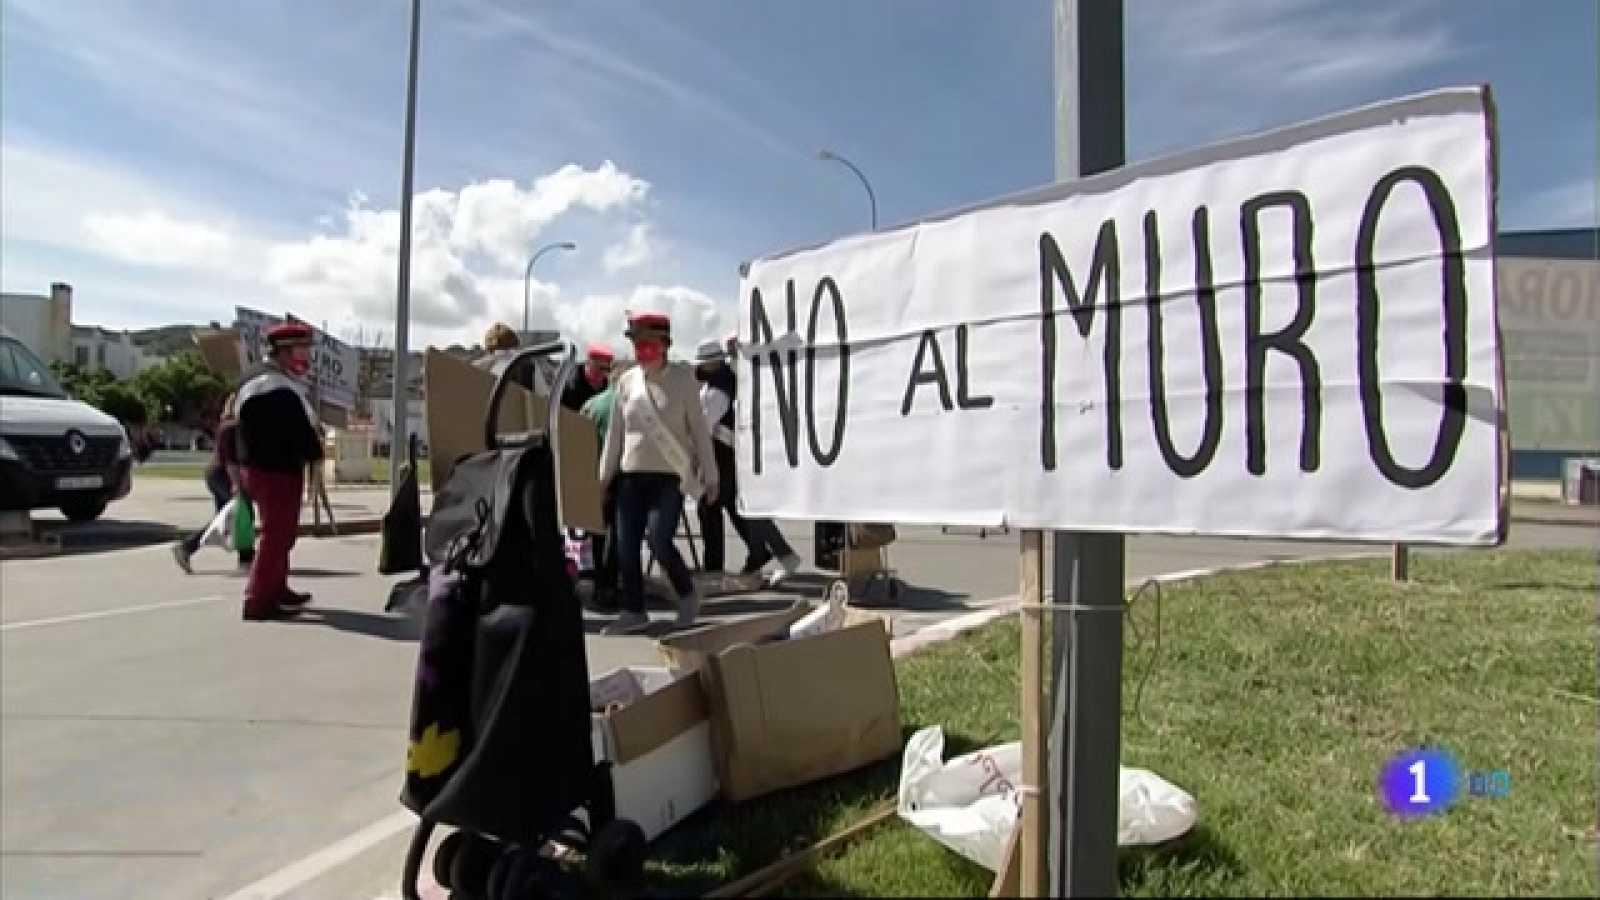 Protesta contra el muro de la vía ferroviaria que atravesará Navalmoral de la Mata - 30/04/2021